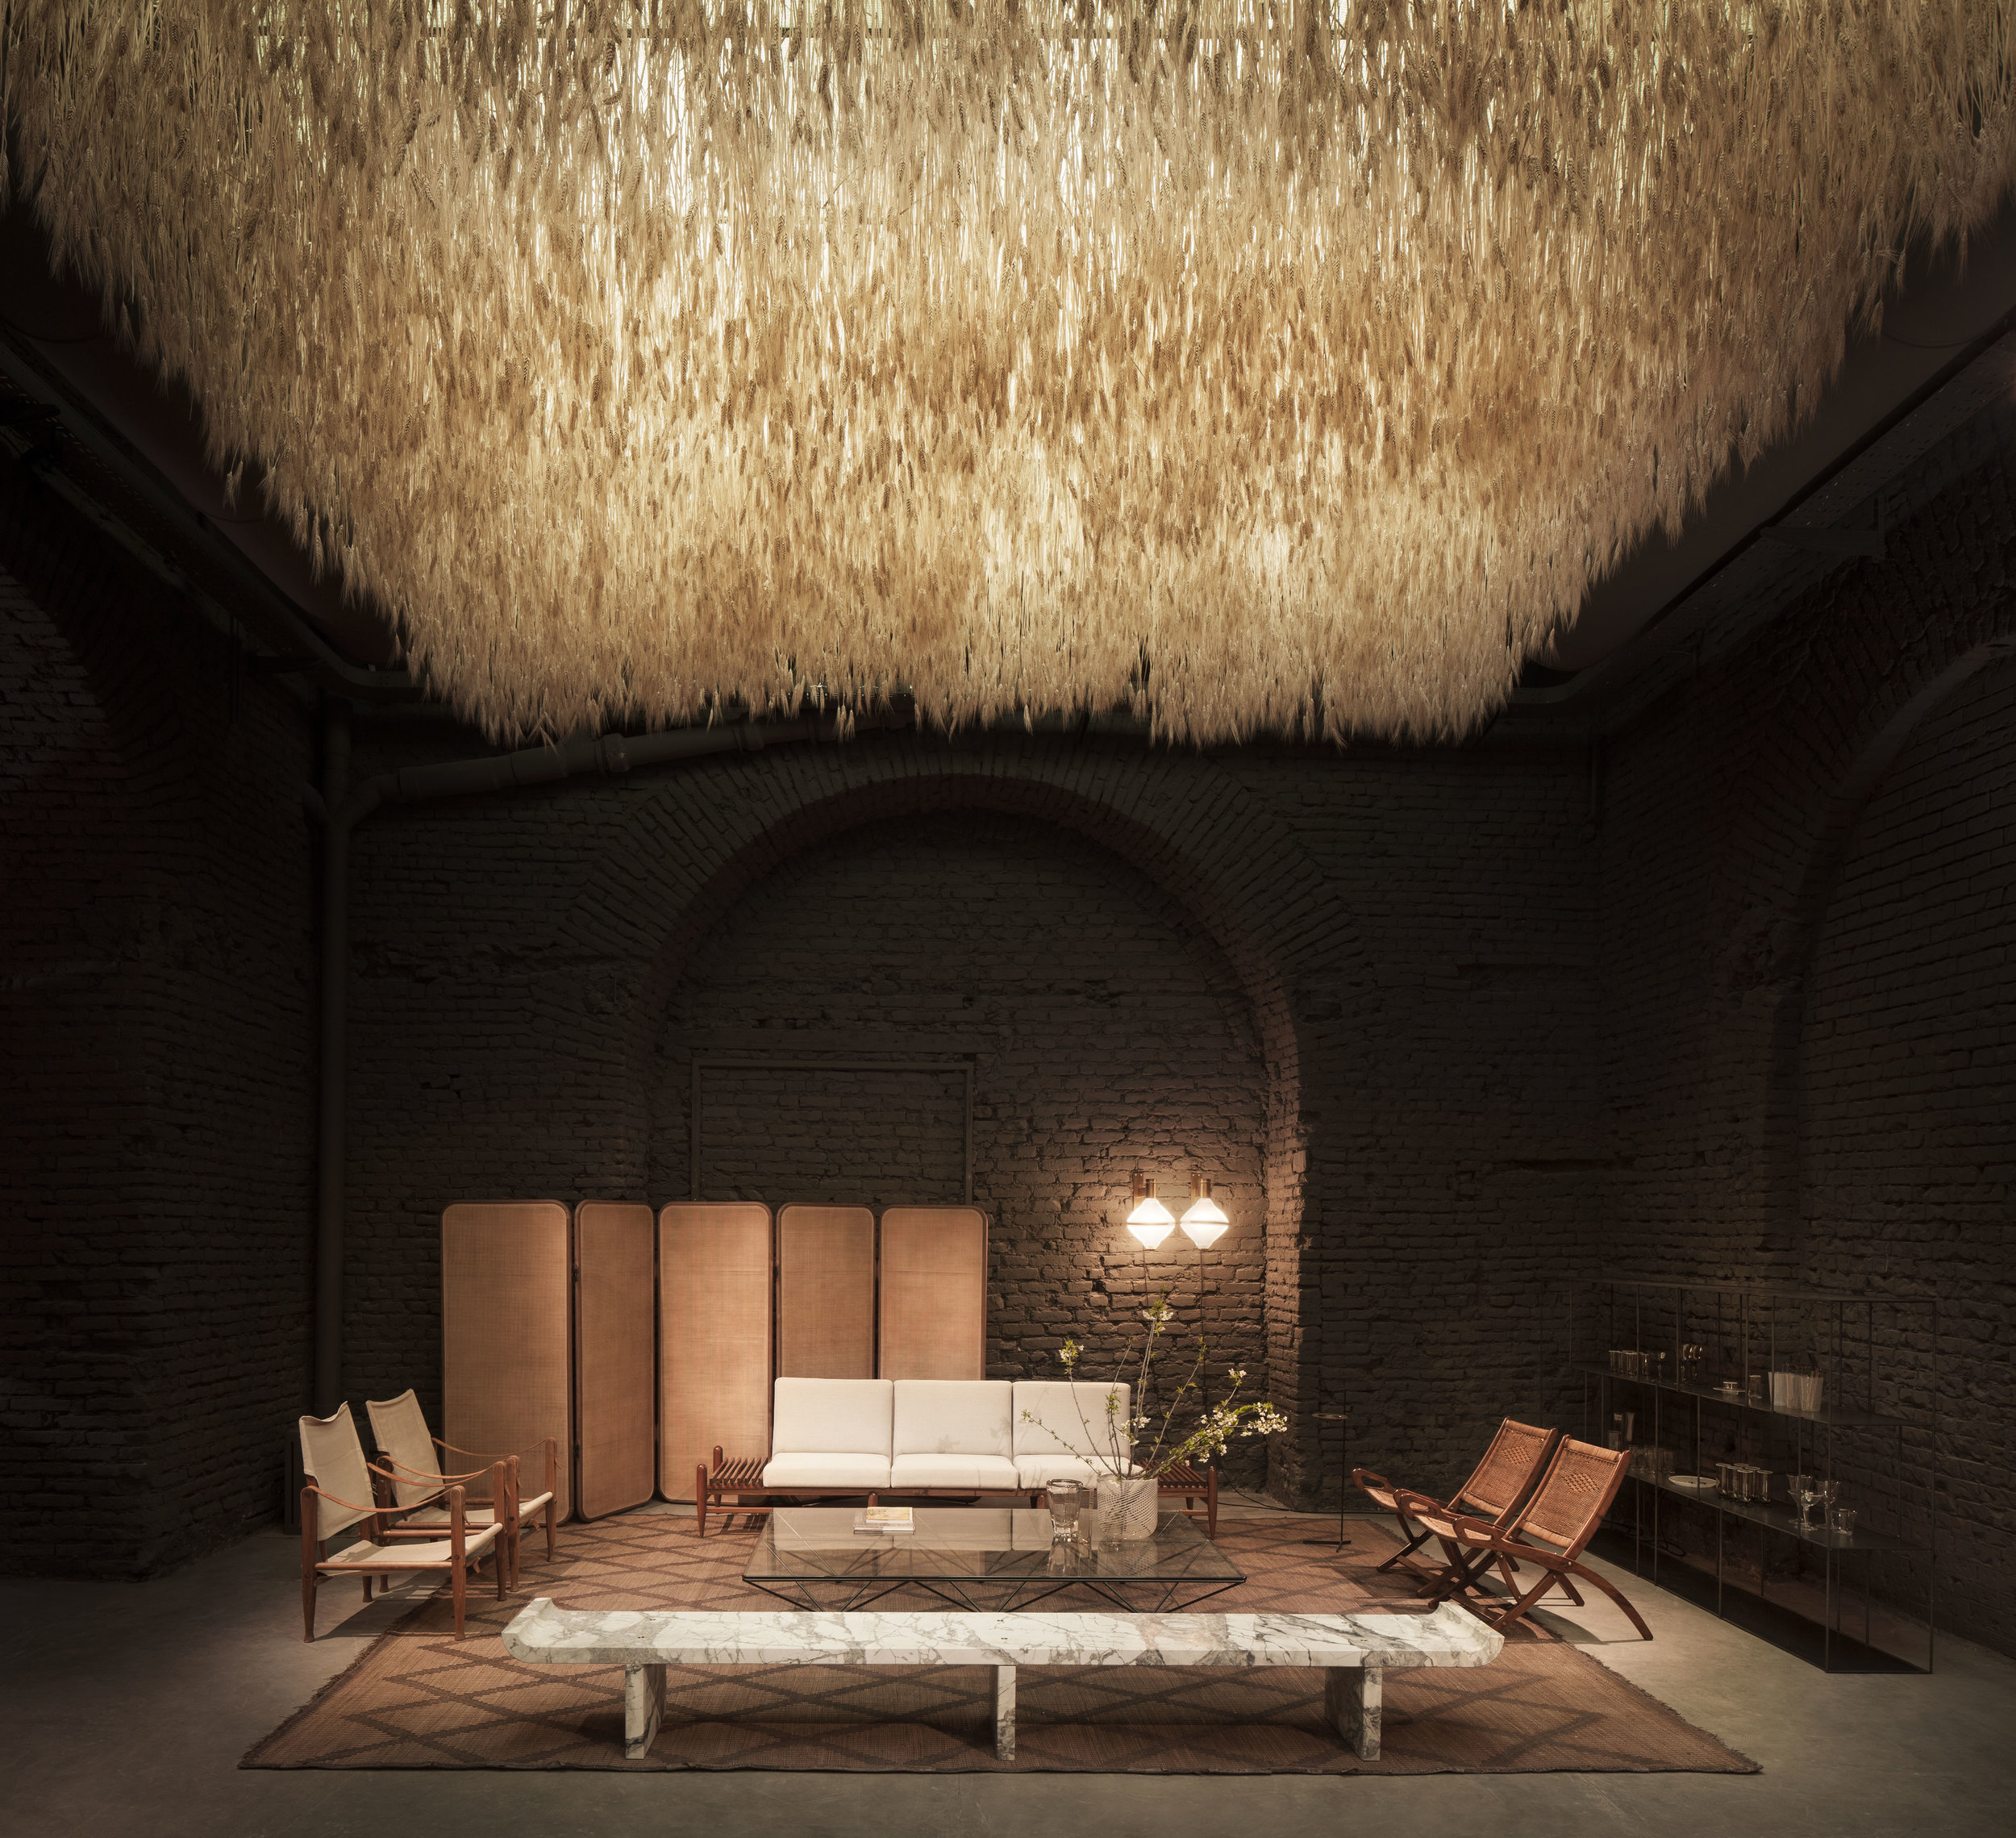 Installazione a cura di Quincoces Dragò e Irene Cuzzaniti - Un campo di grano sospeso sulla Six Gallery, in via Scaldasole 7.Foto Alberto Strada